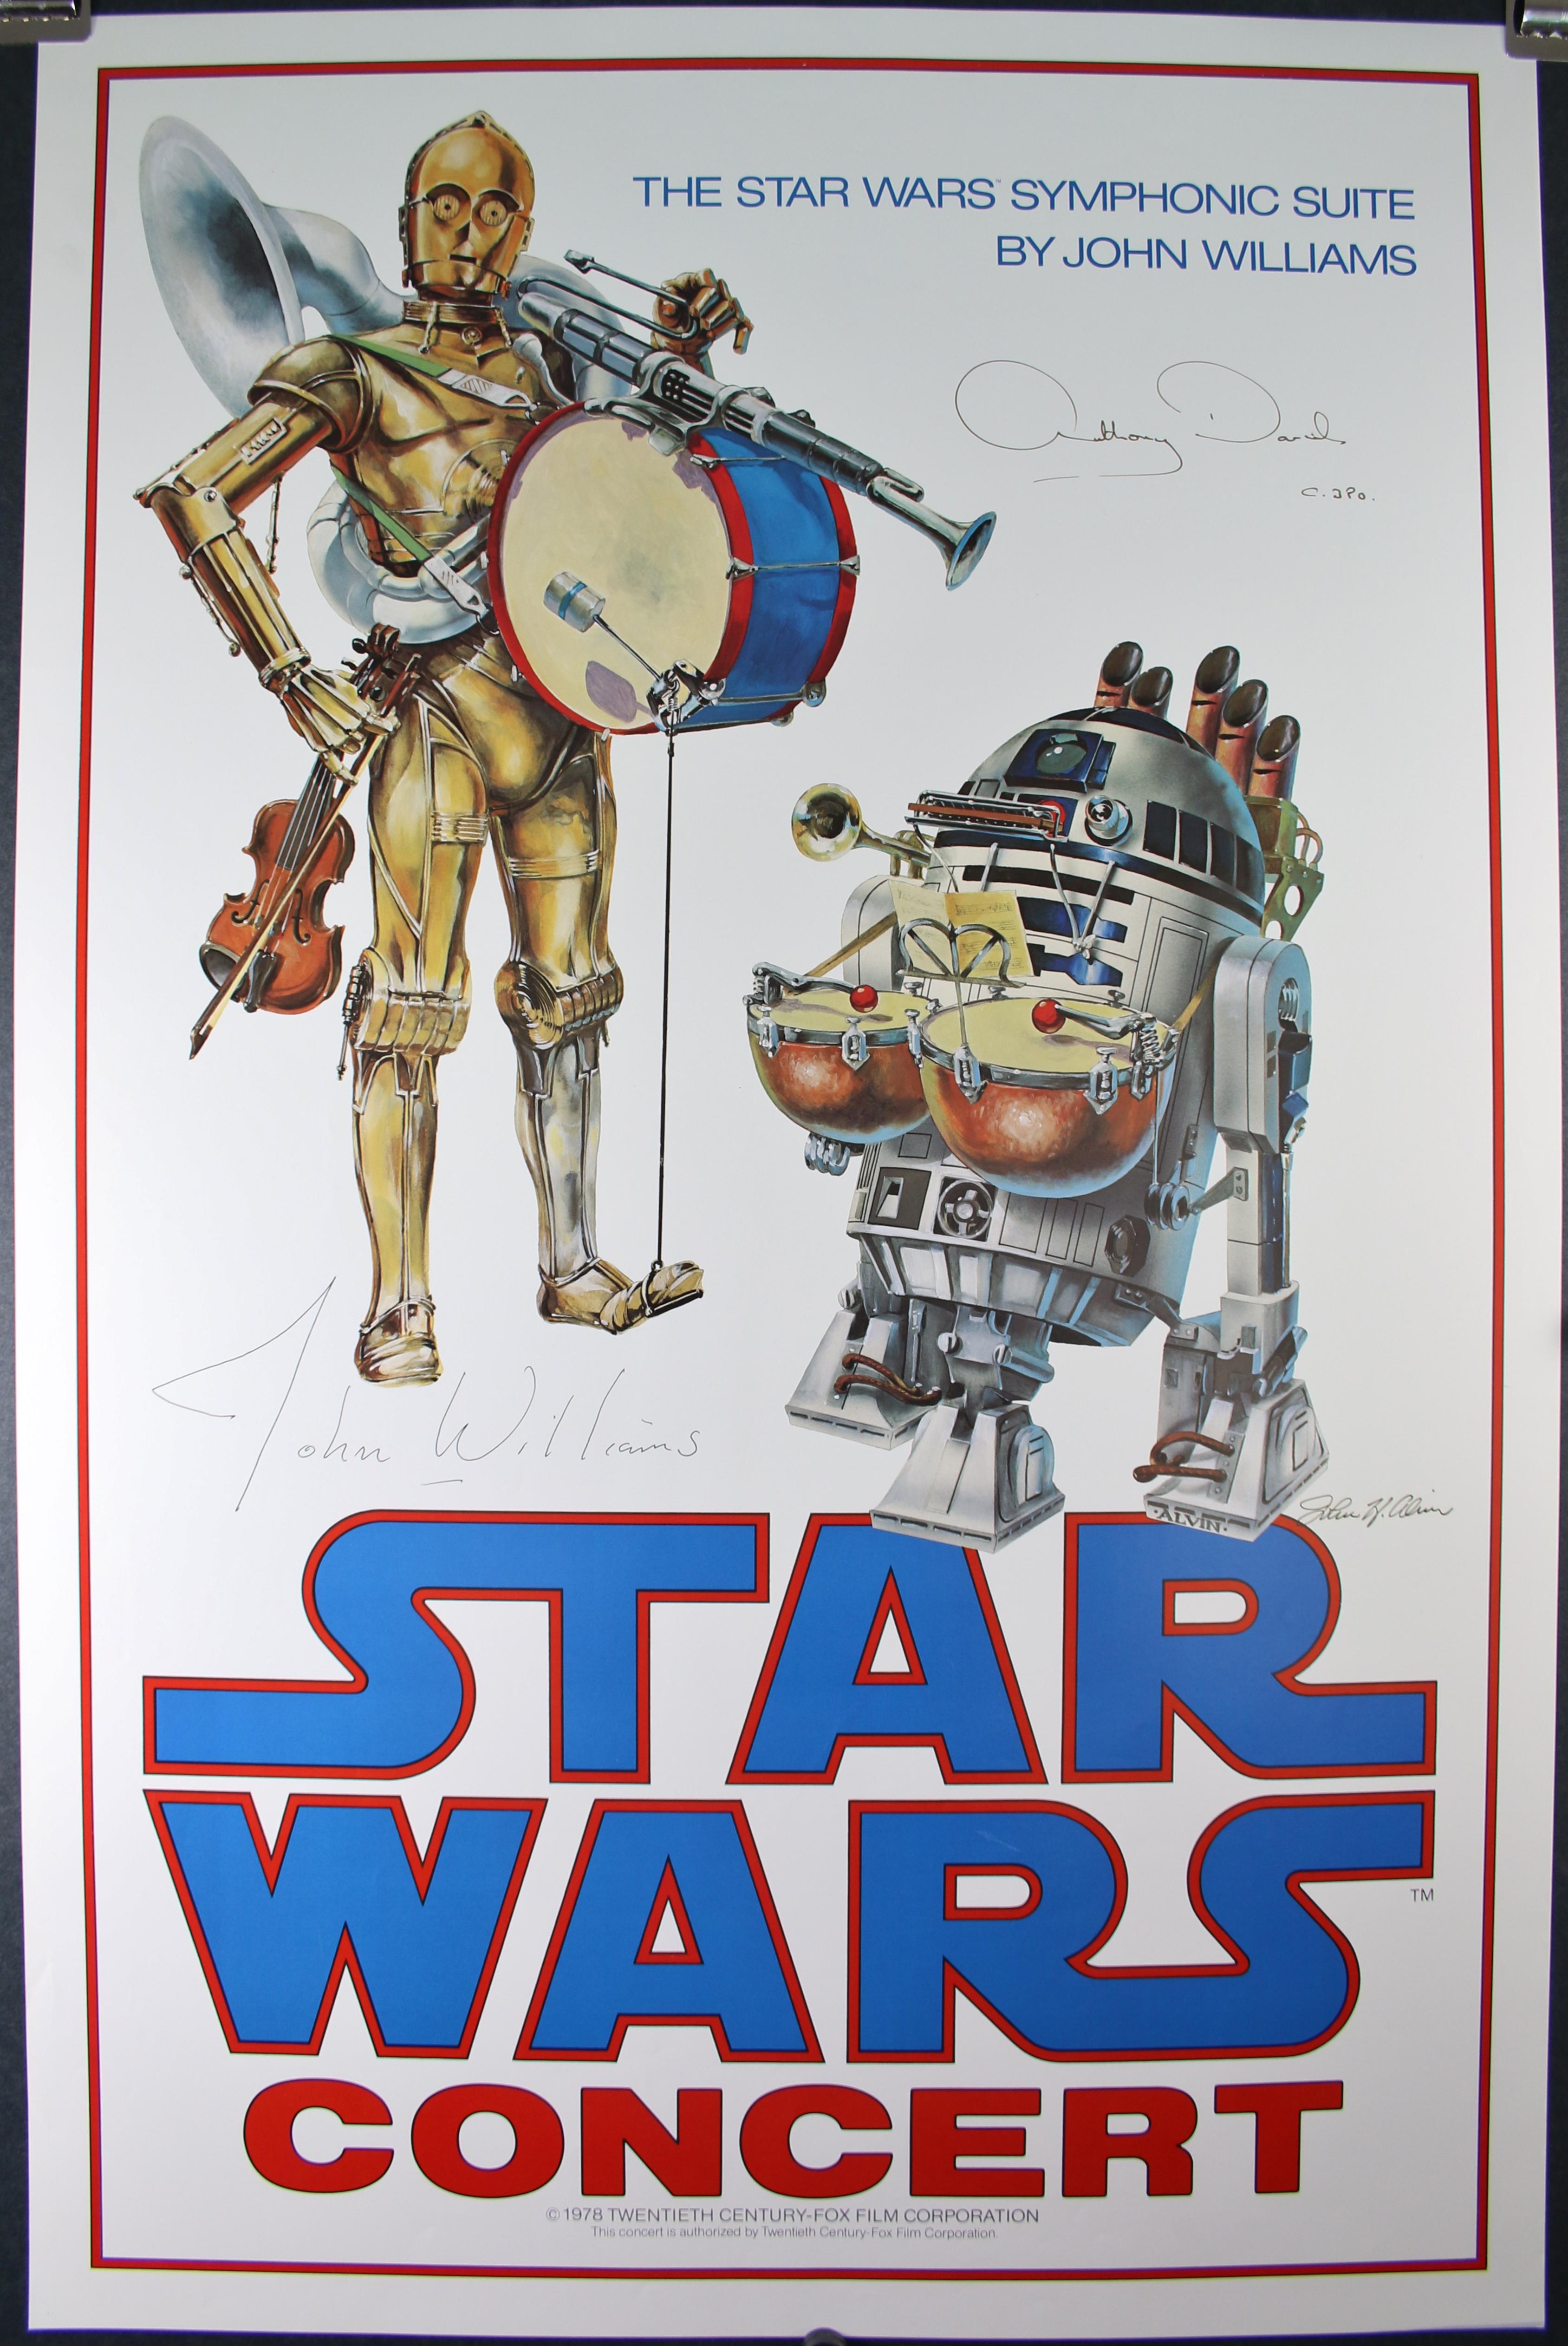 Star Wars Concert Poster 3867